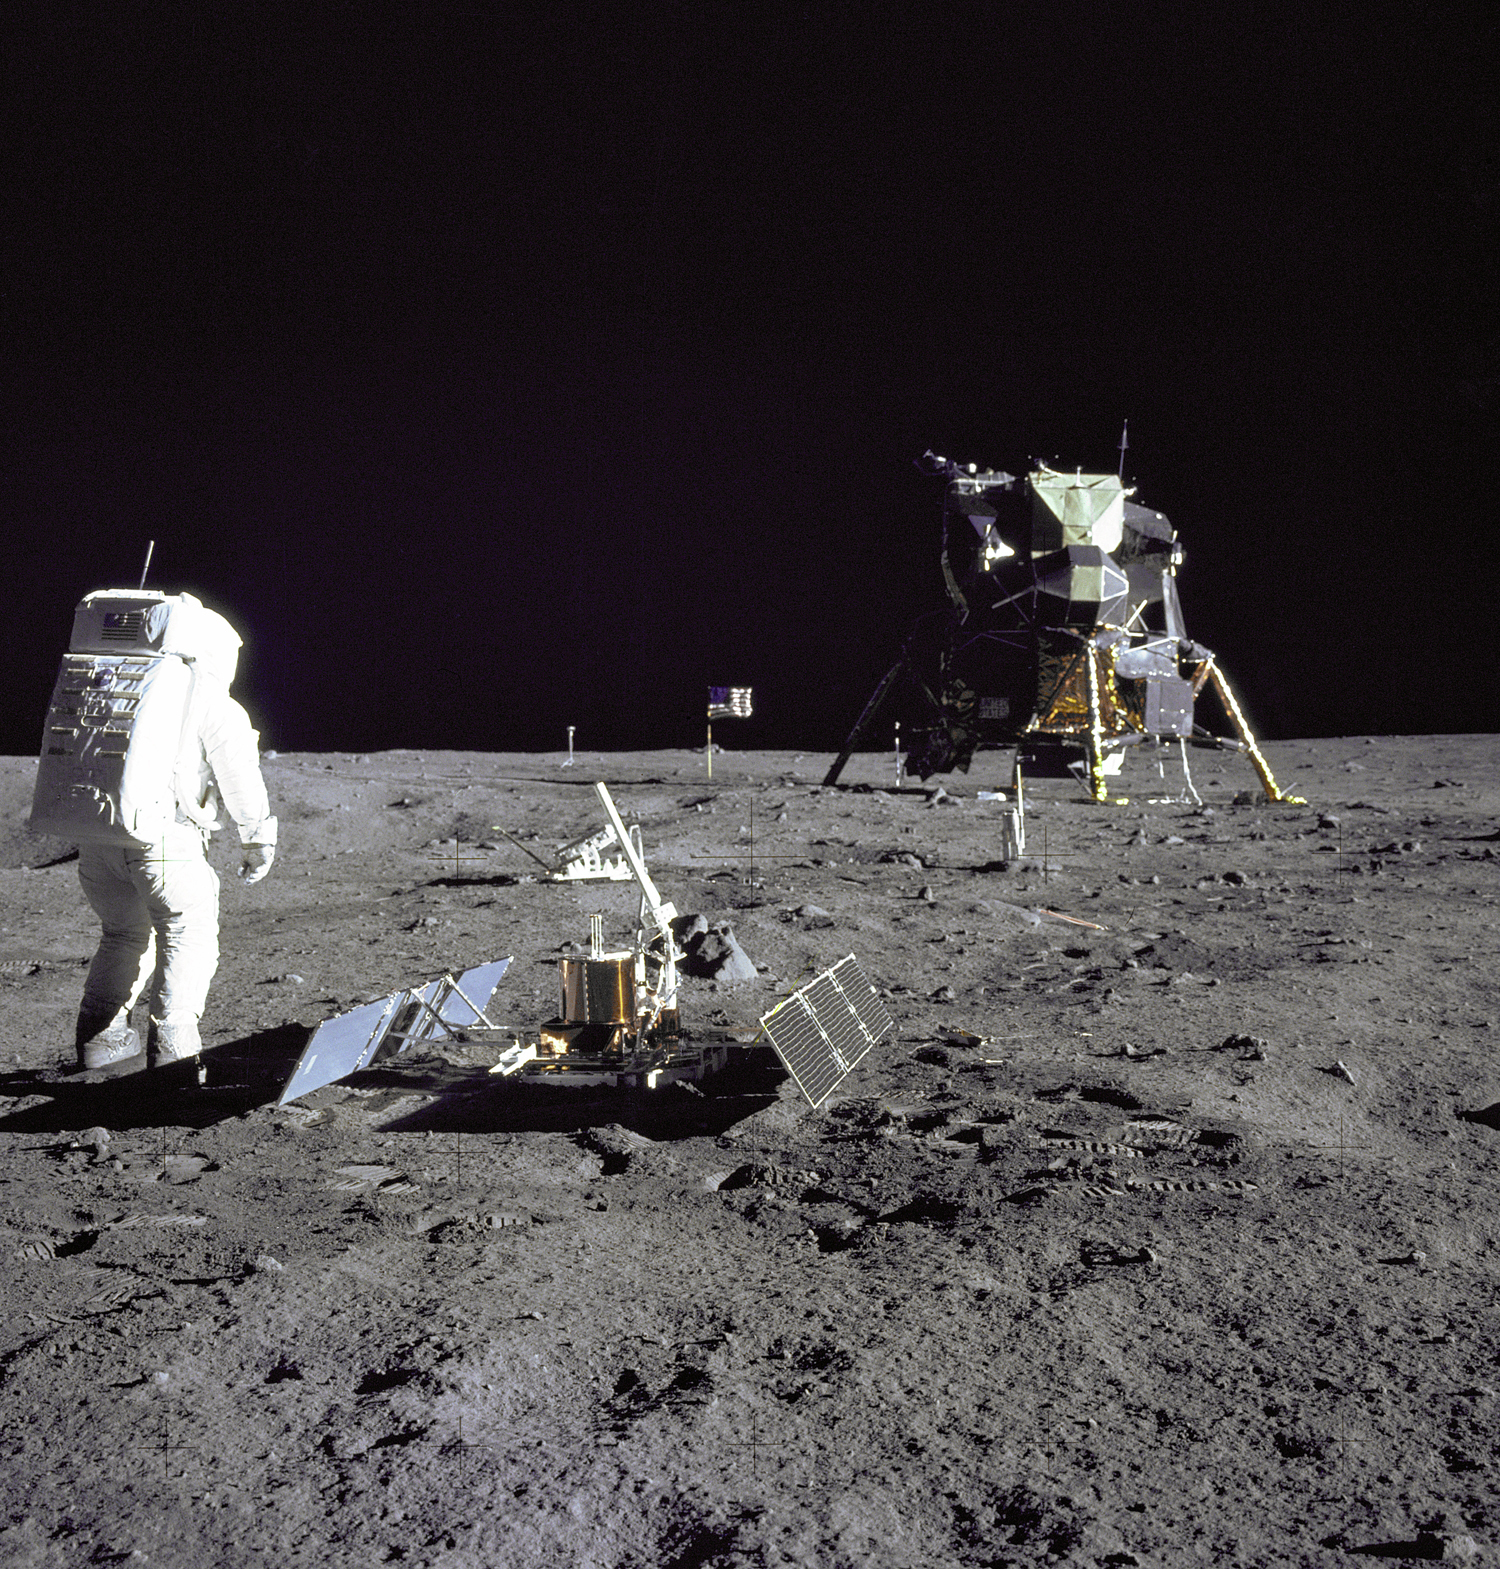 أسرار تراب القمر ستنكشف أخيراً بعد نصف قرن!